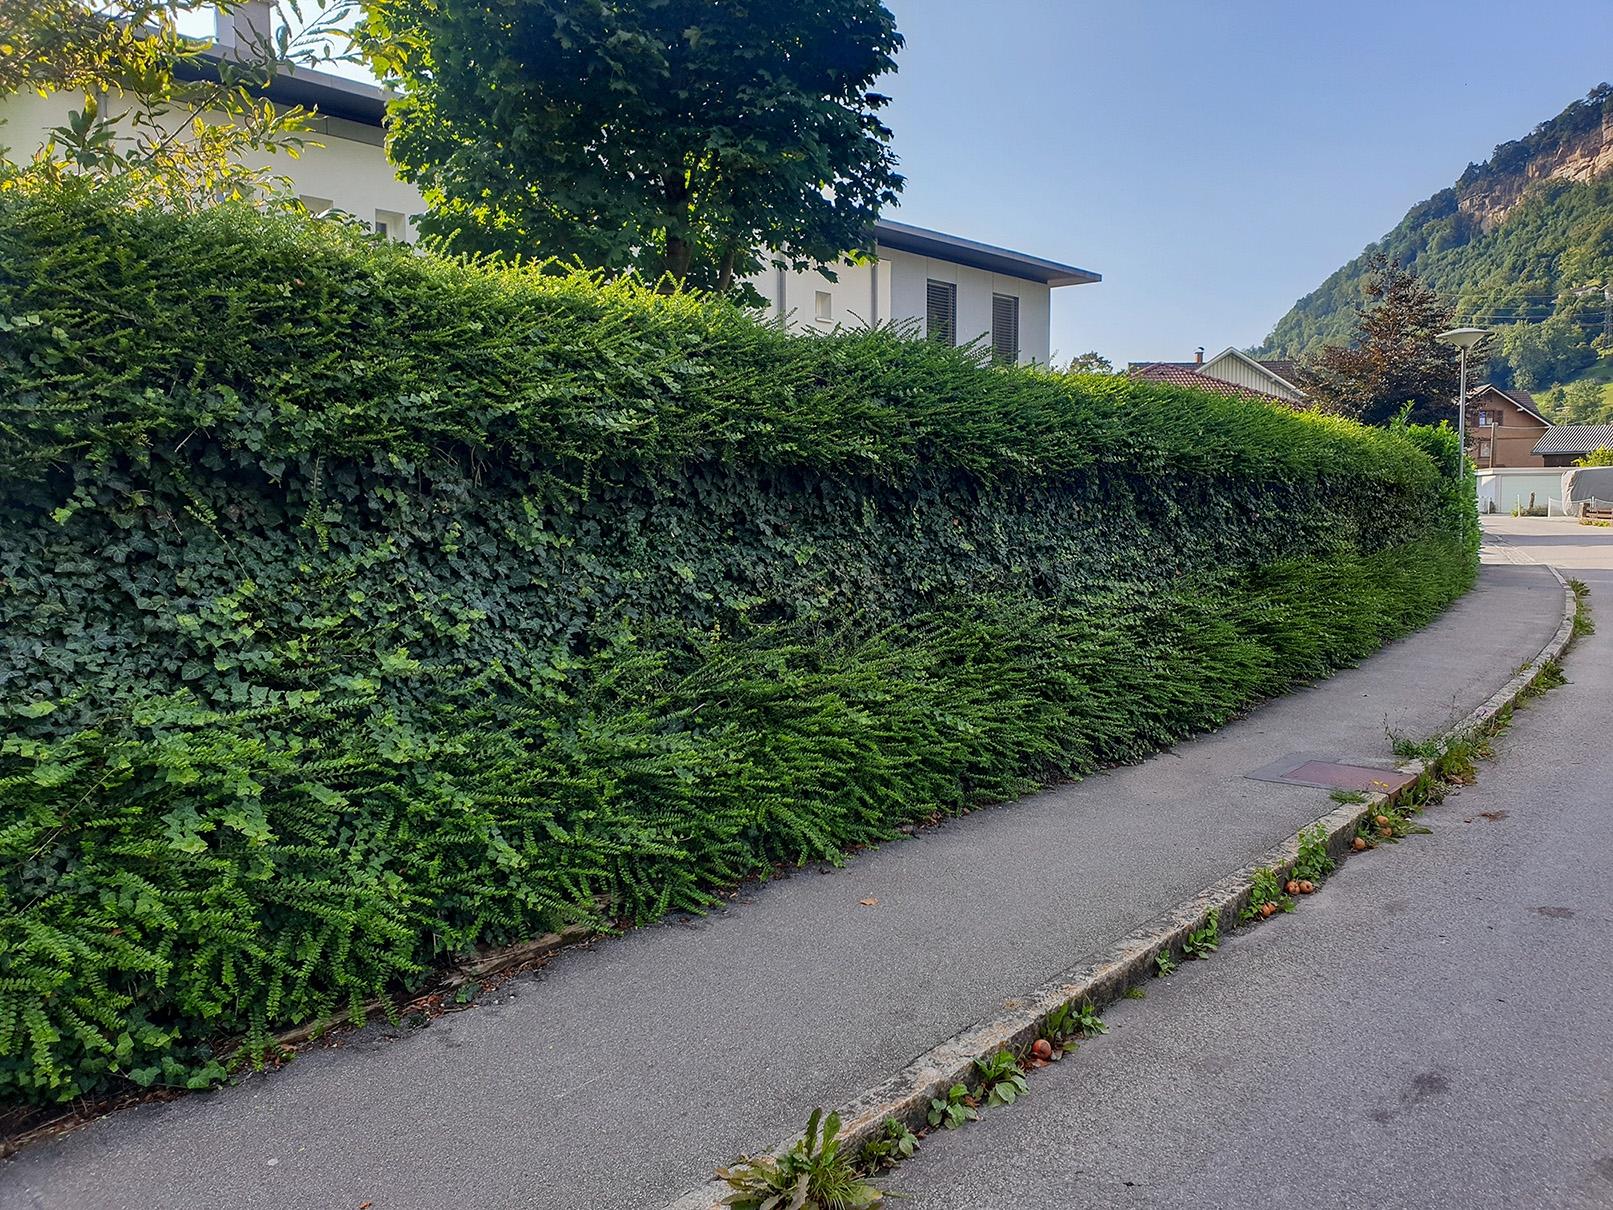 Lärmschutz für den Garten mit naturawall